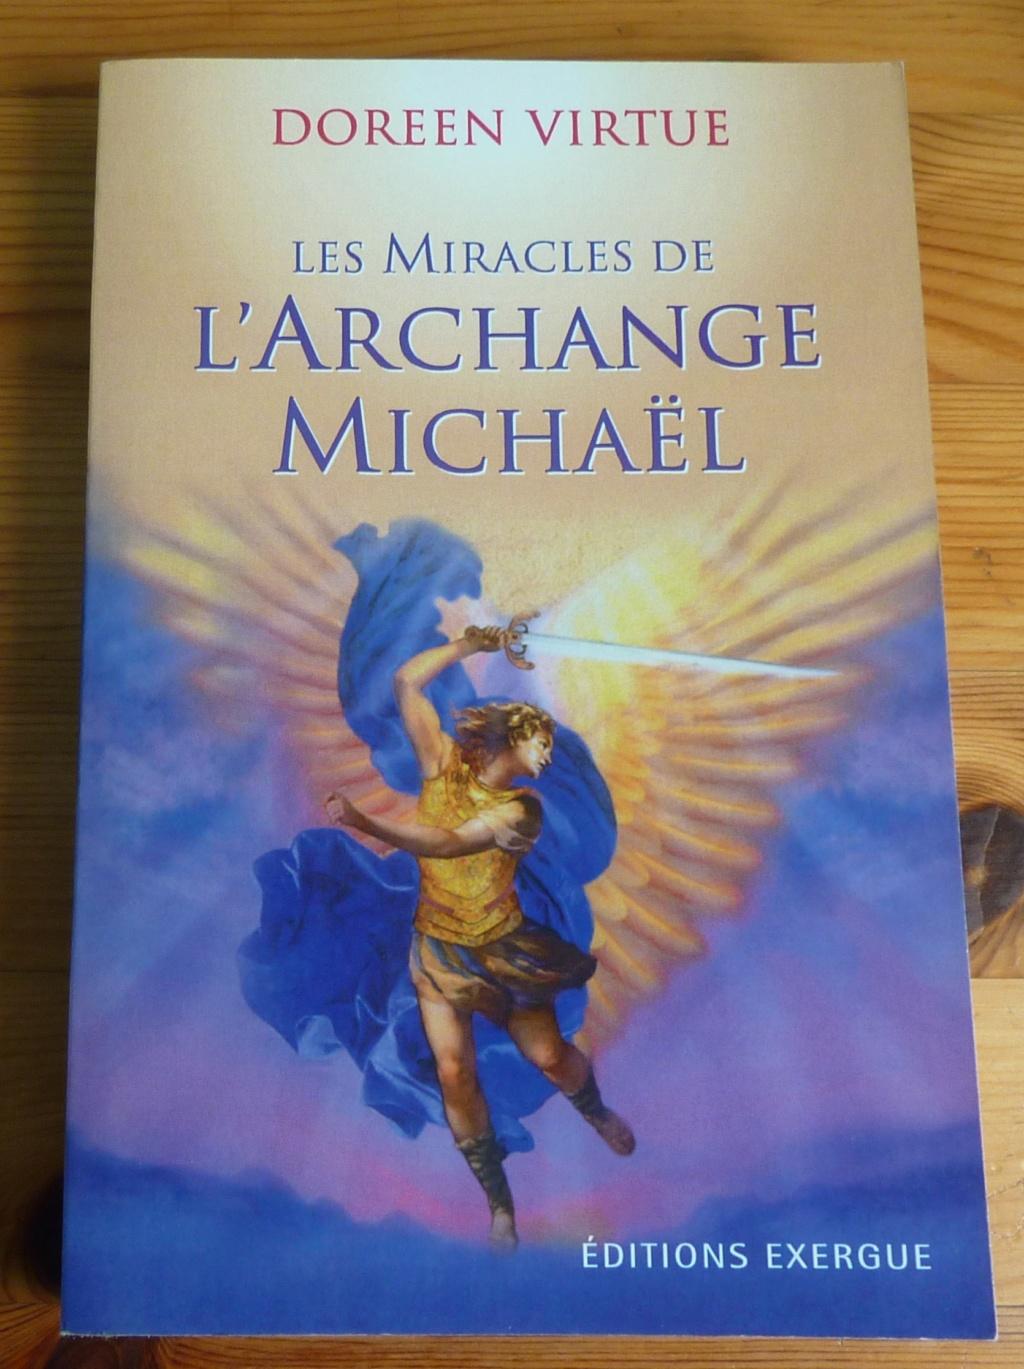 Les miracles de l'Archange Michaël - Doreen Virtue P1010519